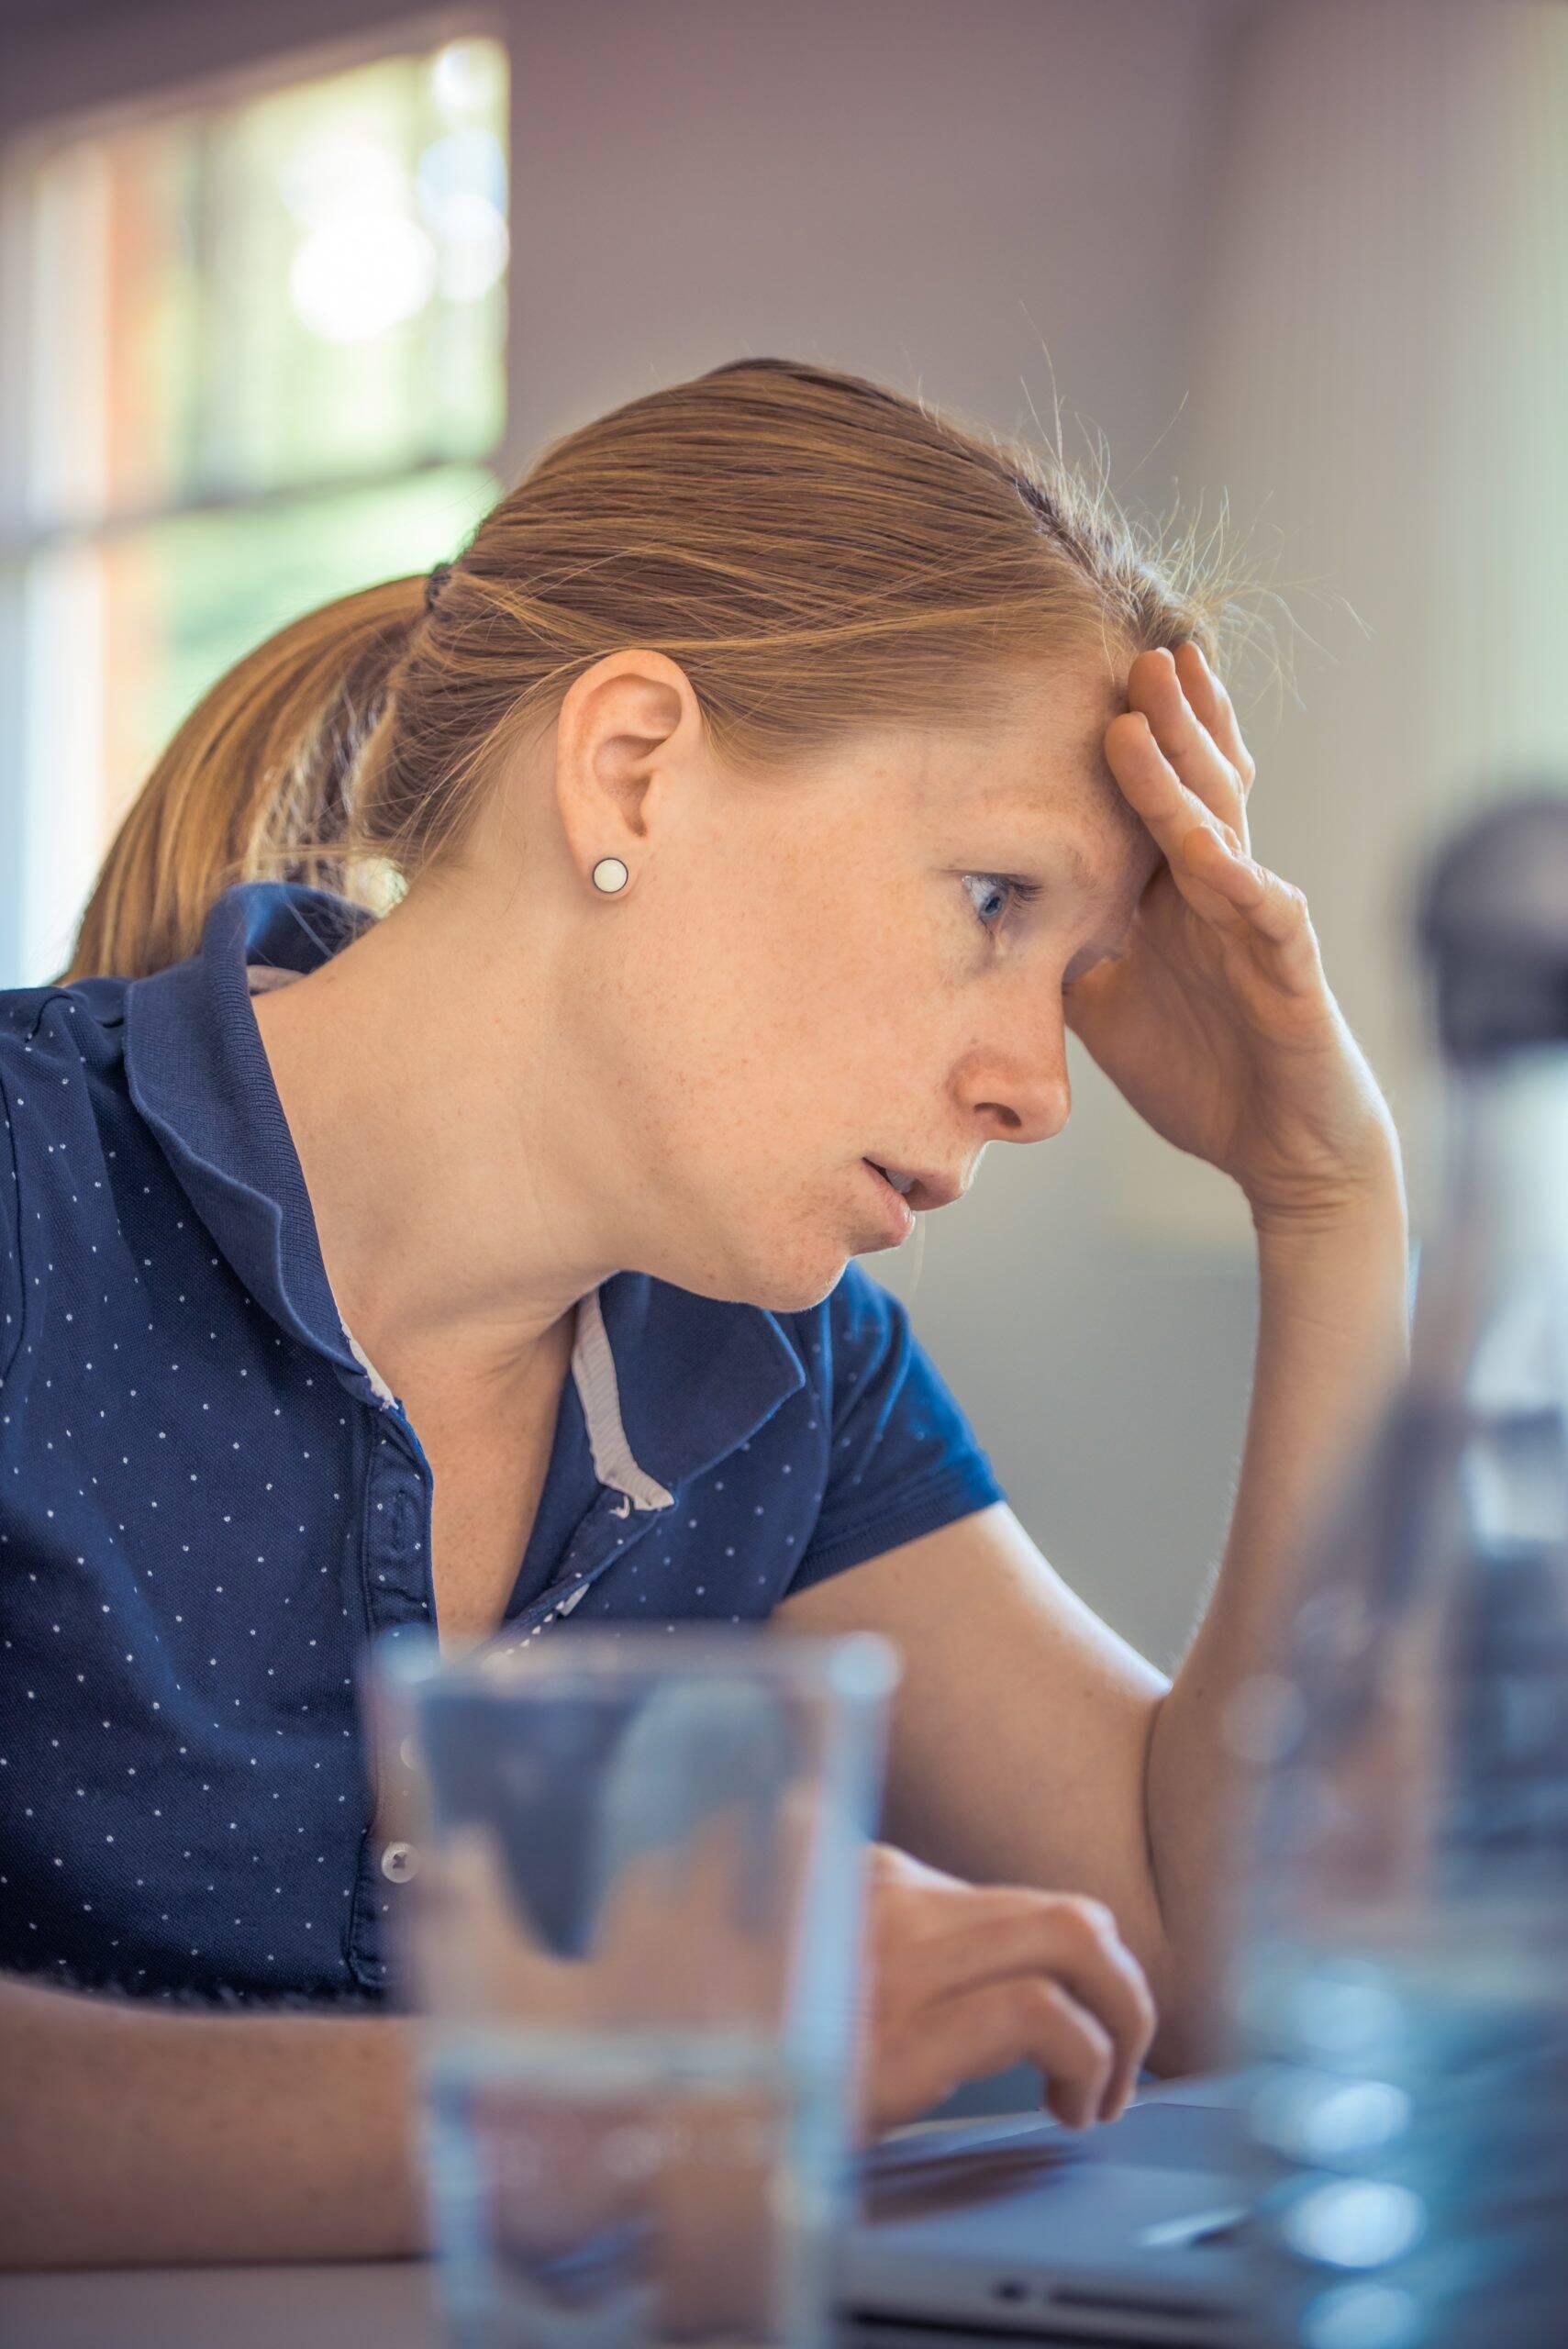 Segundo uma pesquisa do Datafolha, realizada no mês de agosto, quatro em cada dez brasileiros tiveram sintomas de ansiedade ou depressão durante o período de isolamento social. (Foto: Pexels)